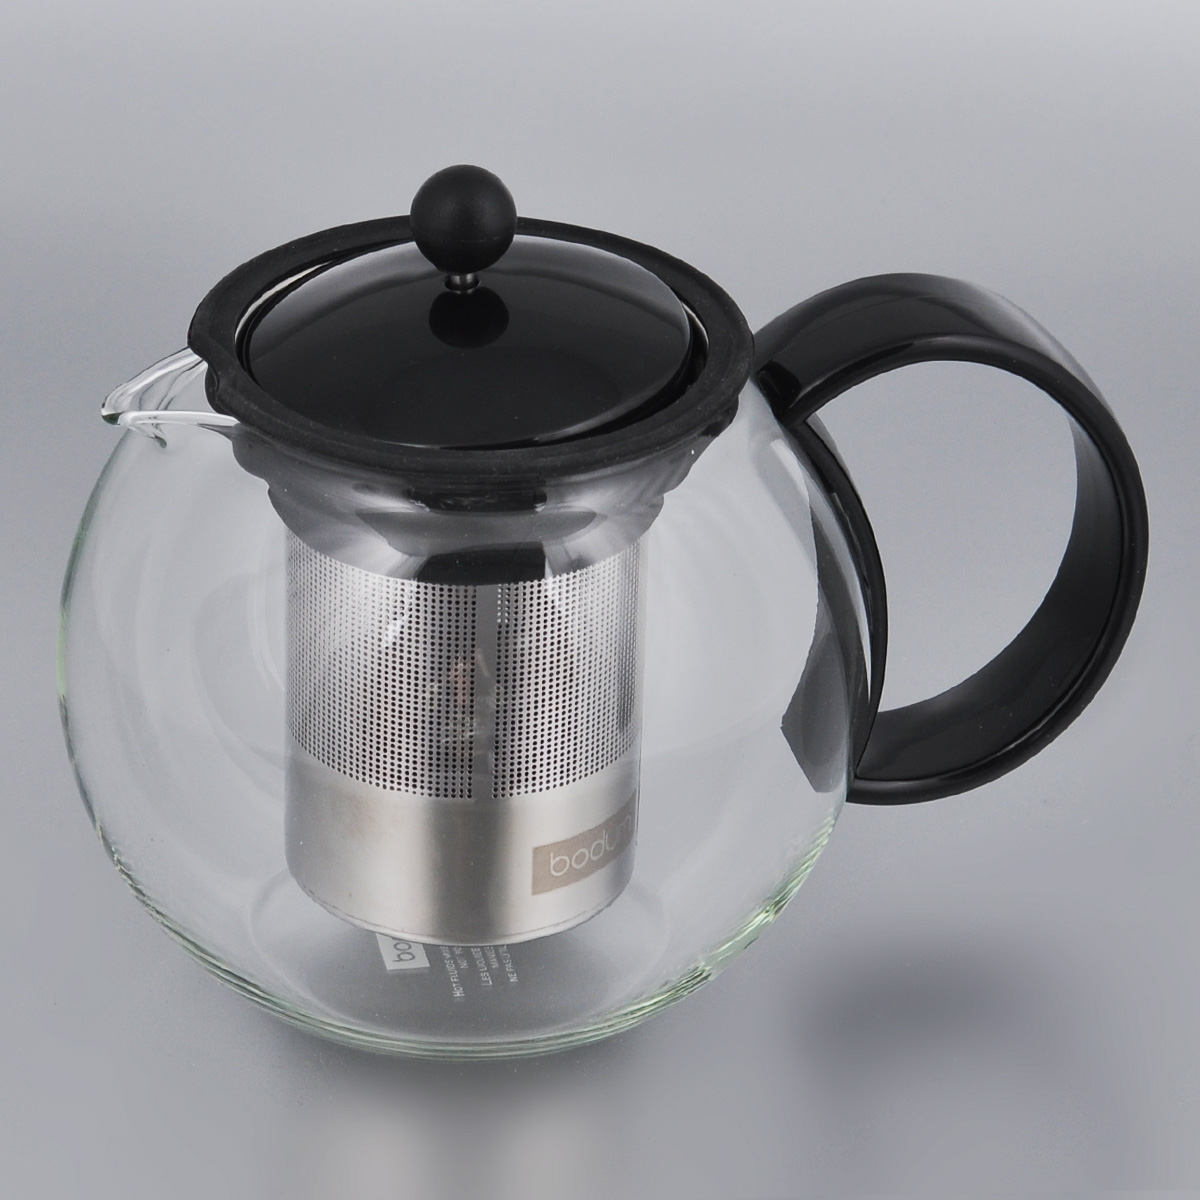 Френч-пресс Bodum Assam, 1 л. 1805-01391602Заварочный чайник Bodum Assam выполнен из термостойкого стекла. Чайник оснащен фильтром-сеткой и прессом, выполненными из нержавеющей стали и пластика. Засыпая чайную заварку в фильтр-сетку и заливая ее горячей водой, вы получаете ароматный чай с оптимальной крепостью и насыщенностью. Остановить процесс заварки чая легко. Для этого нужно просто опустить поршень, и заварка уйдет вниз, оставляя вверху напиток, готовый к употреблению. Чайник снабжен крышкой и удобной ручкой. Заварочный чайник Bodum Assam займет достойное место на вашей кухне и позволит вам заварить свежий, ароматный чай.Можно мыть в посудомоечной машине. Диаметр чайника (по верхнему краю): 9 см.Высота чайника (без учета крышки): 12,5 см.